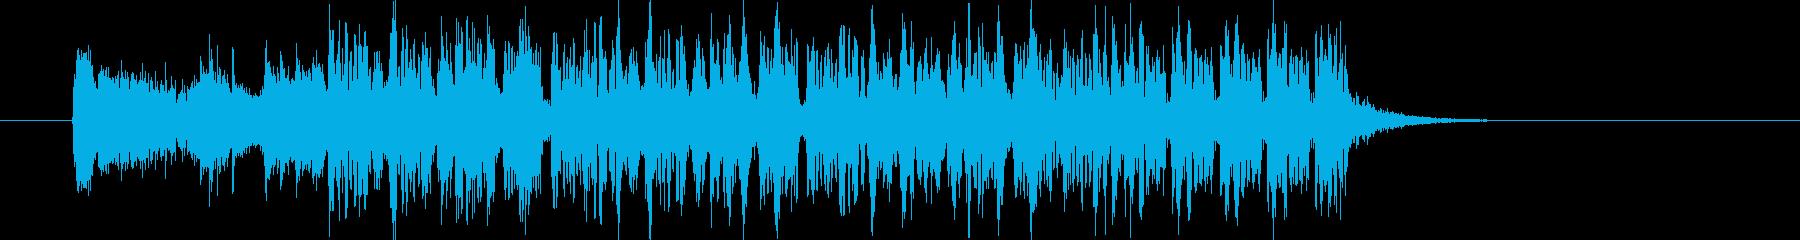 軽快で芯のあるスペーシーな12秒の再生済みの波形